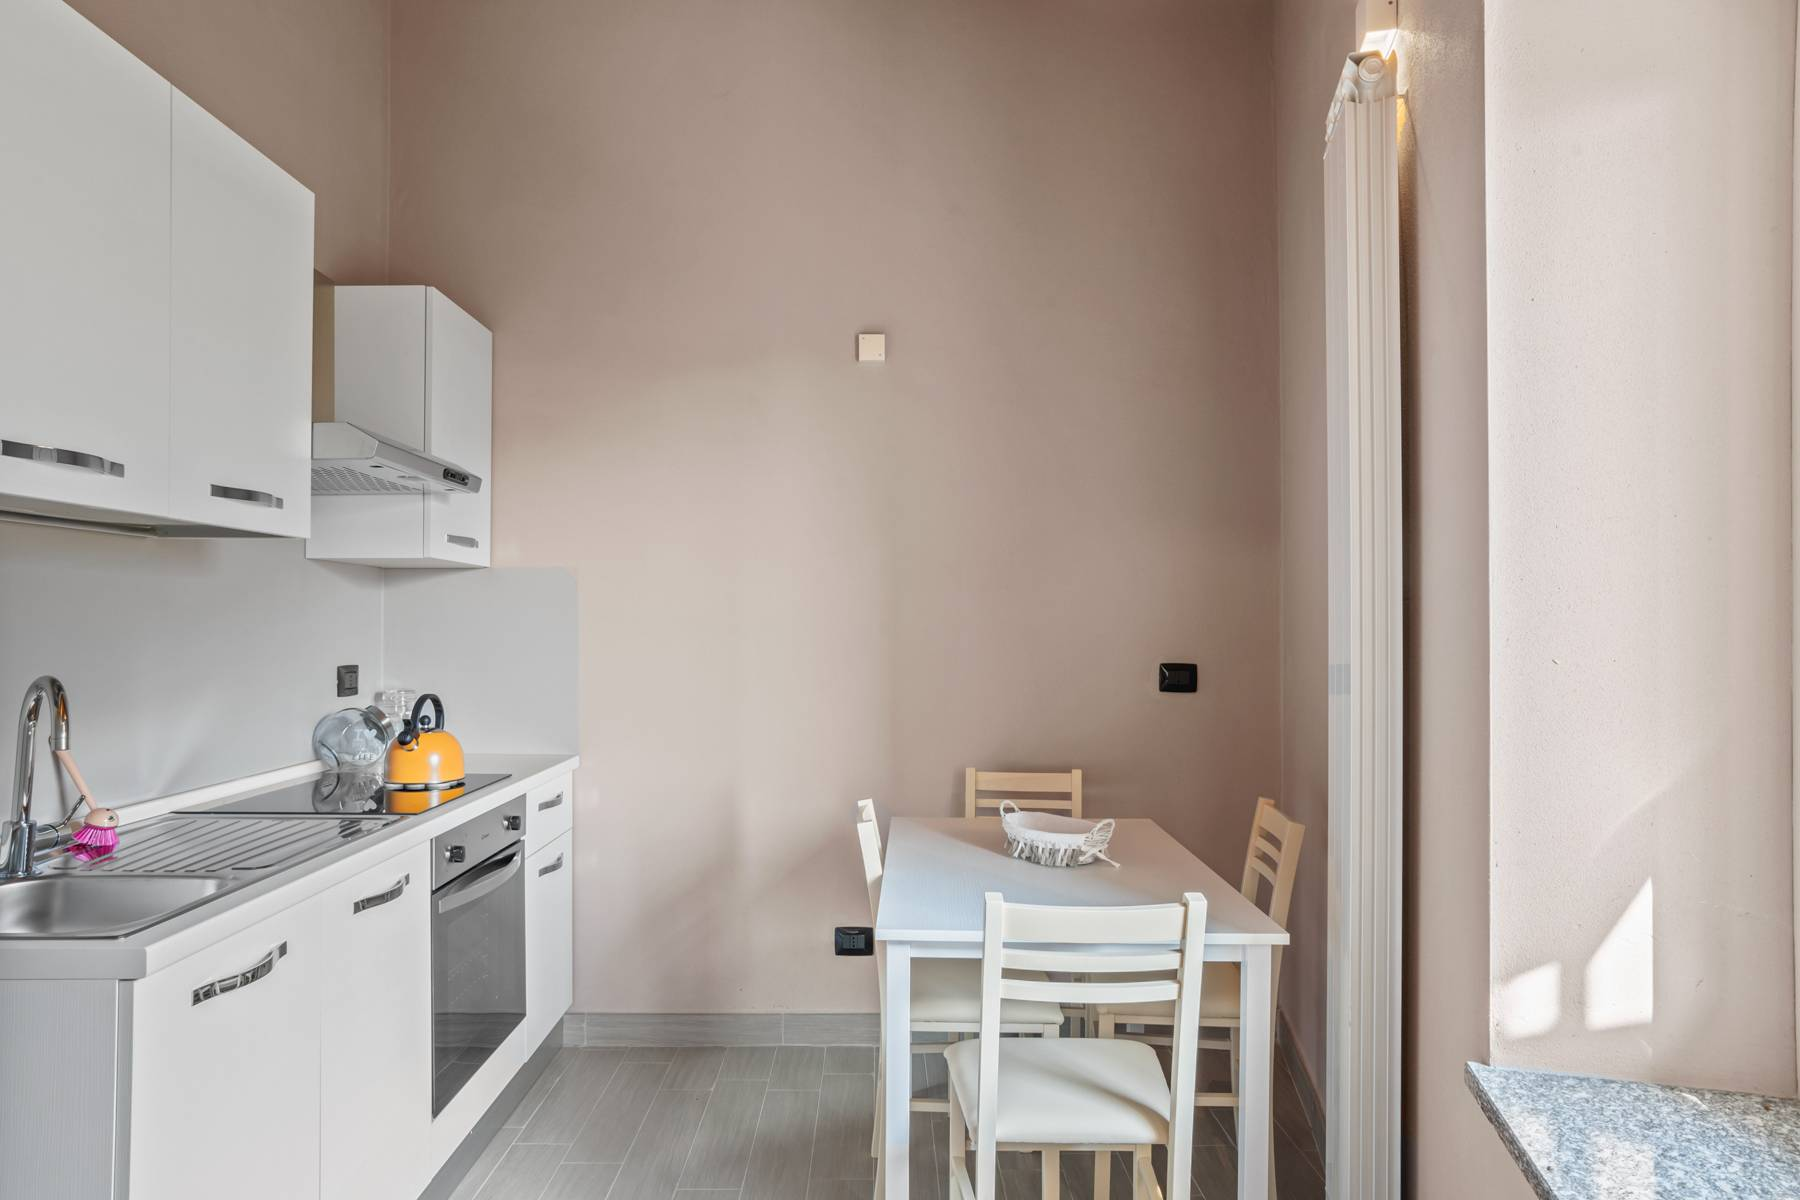 Appartamento in Vendita a Castelveccana: 3 locali, 82 mq - Foto 5